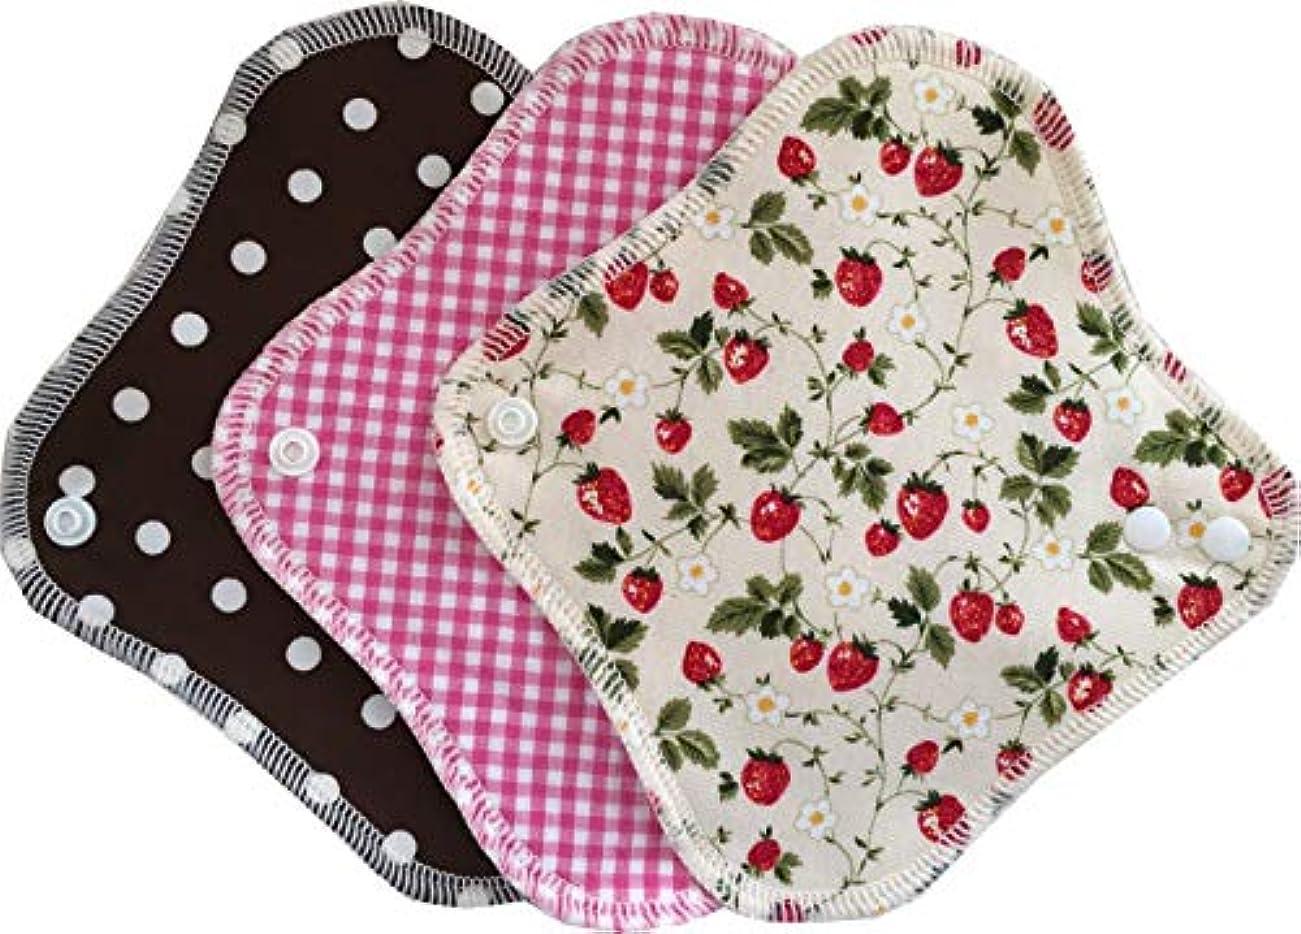 廃棄章影響する(すぃーと?こっとん) sweet cotton 布ナプキン ネルライナー3枚セット 綿100% パンティライナー(ストロベリーチョコセット) …